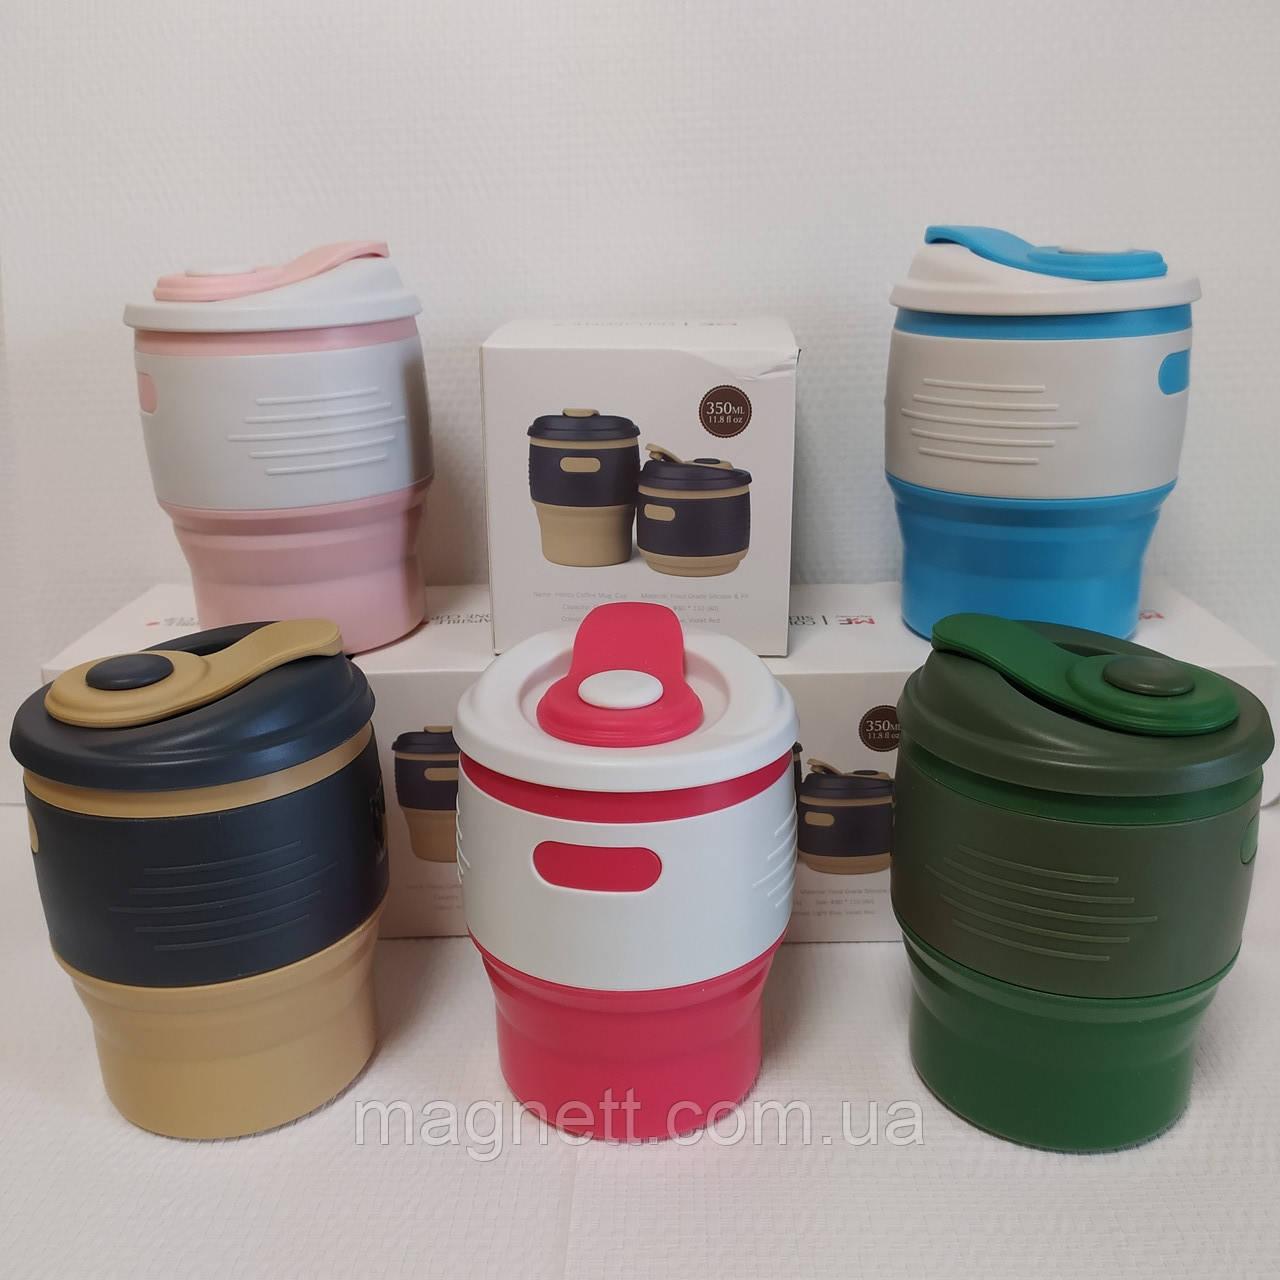 Складной силиконовый стакан Handy Coffee Mug Cup (5 цветов)